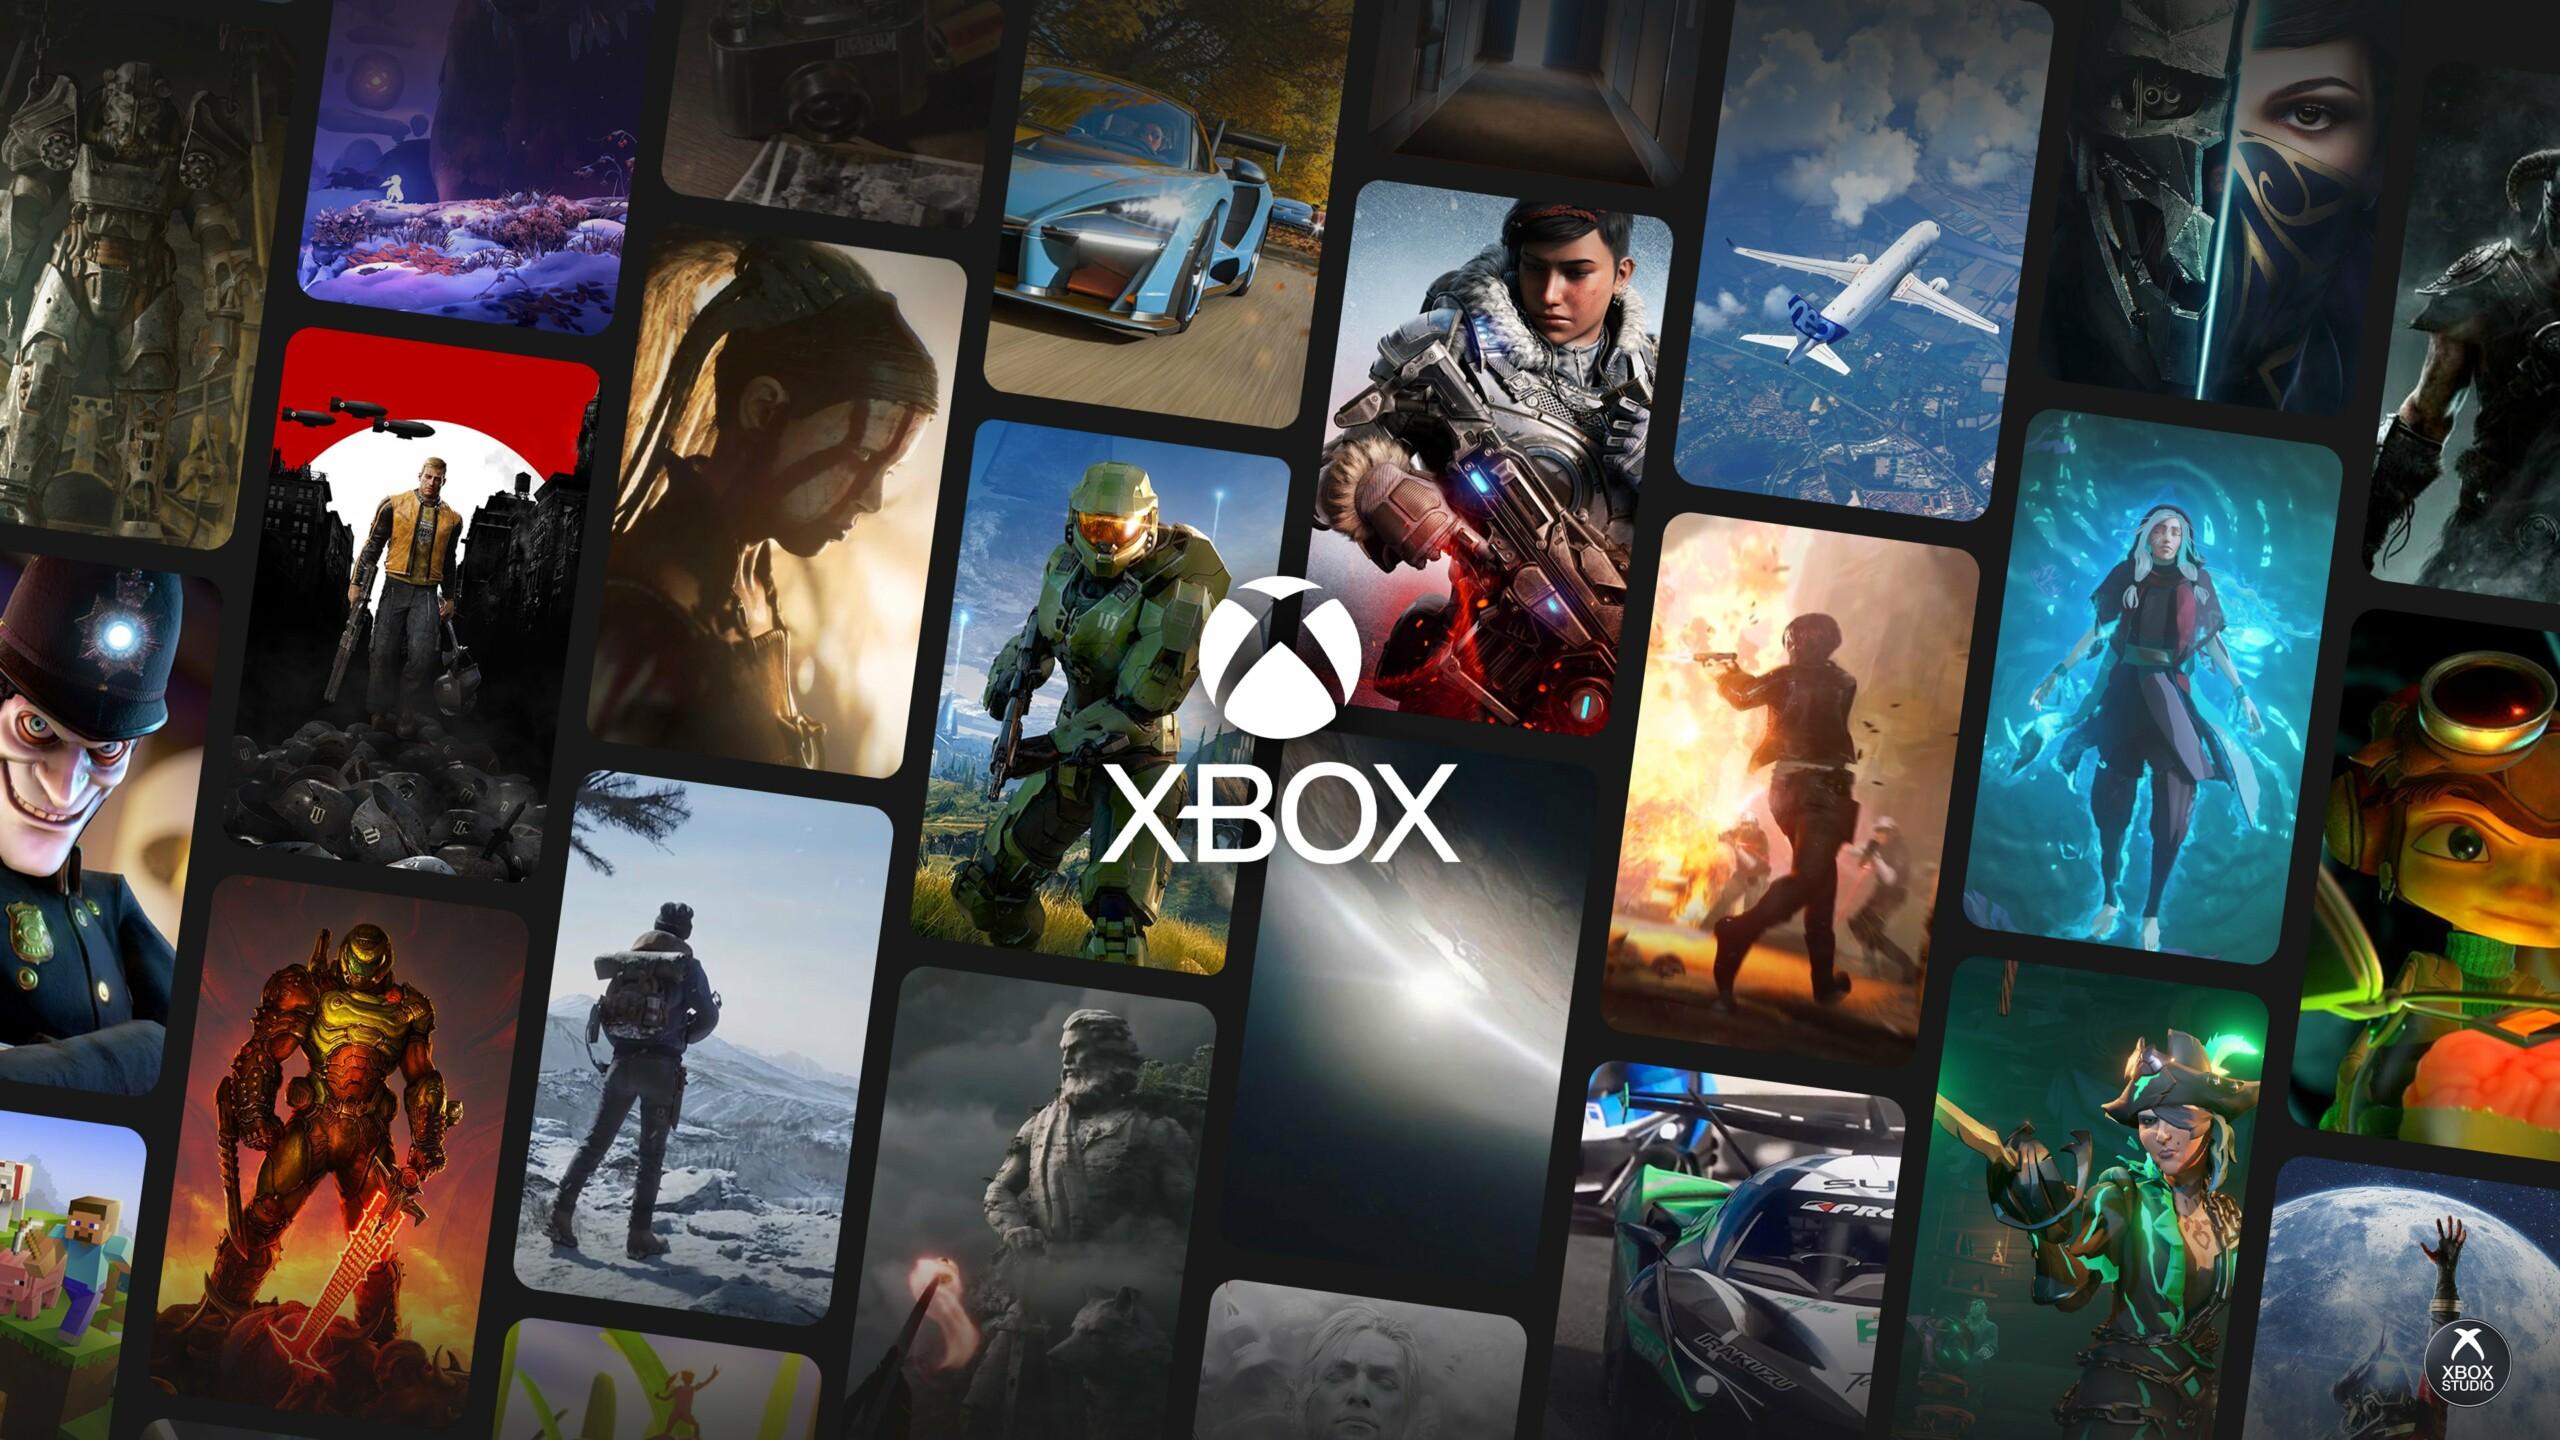 Futures exclusivités, cloud gaming, store Xbox : ce que des documents confidentiels de Microsoft révèlent